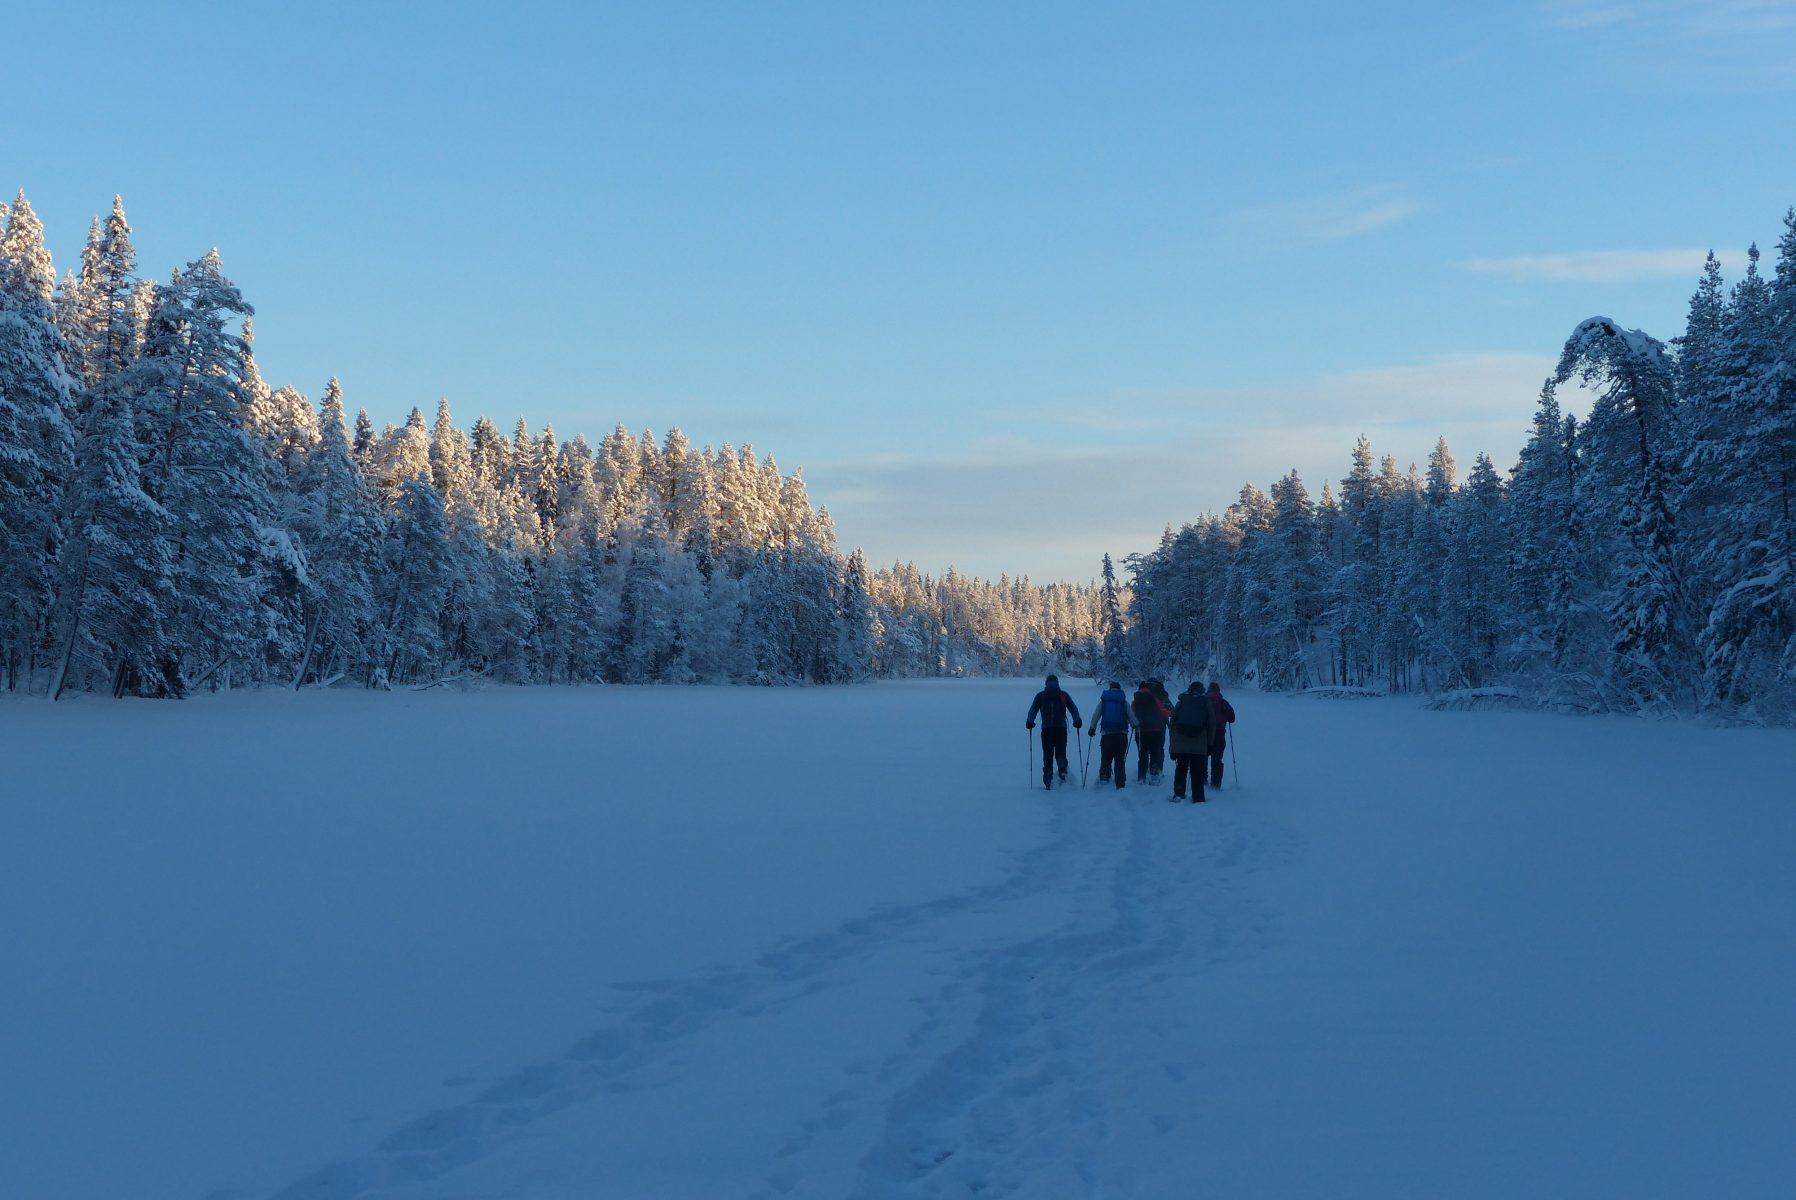 """Ryhmä lumikenkäilijöitä tammikuun """"sinisessä hetkessä"""" järven jäällä. Ympärillään kauniin kuuraiset puut."""